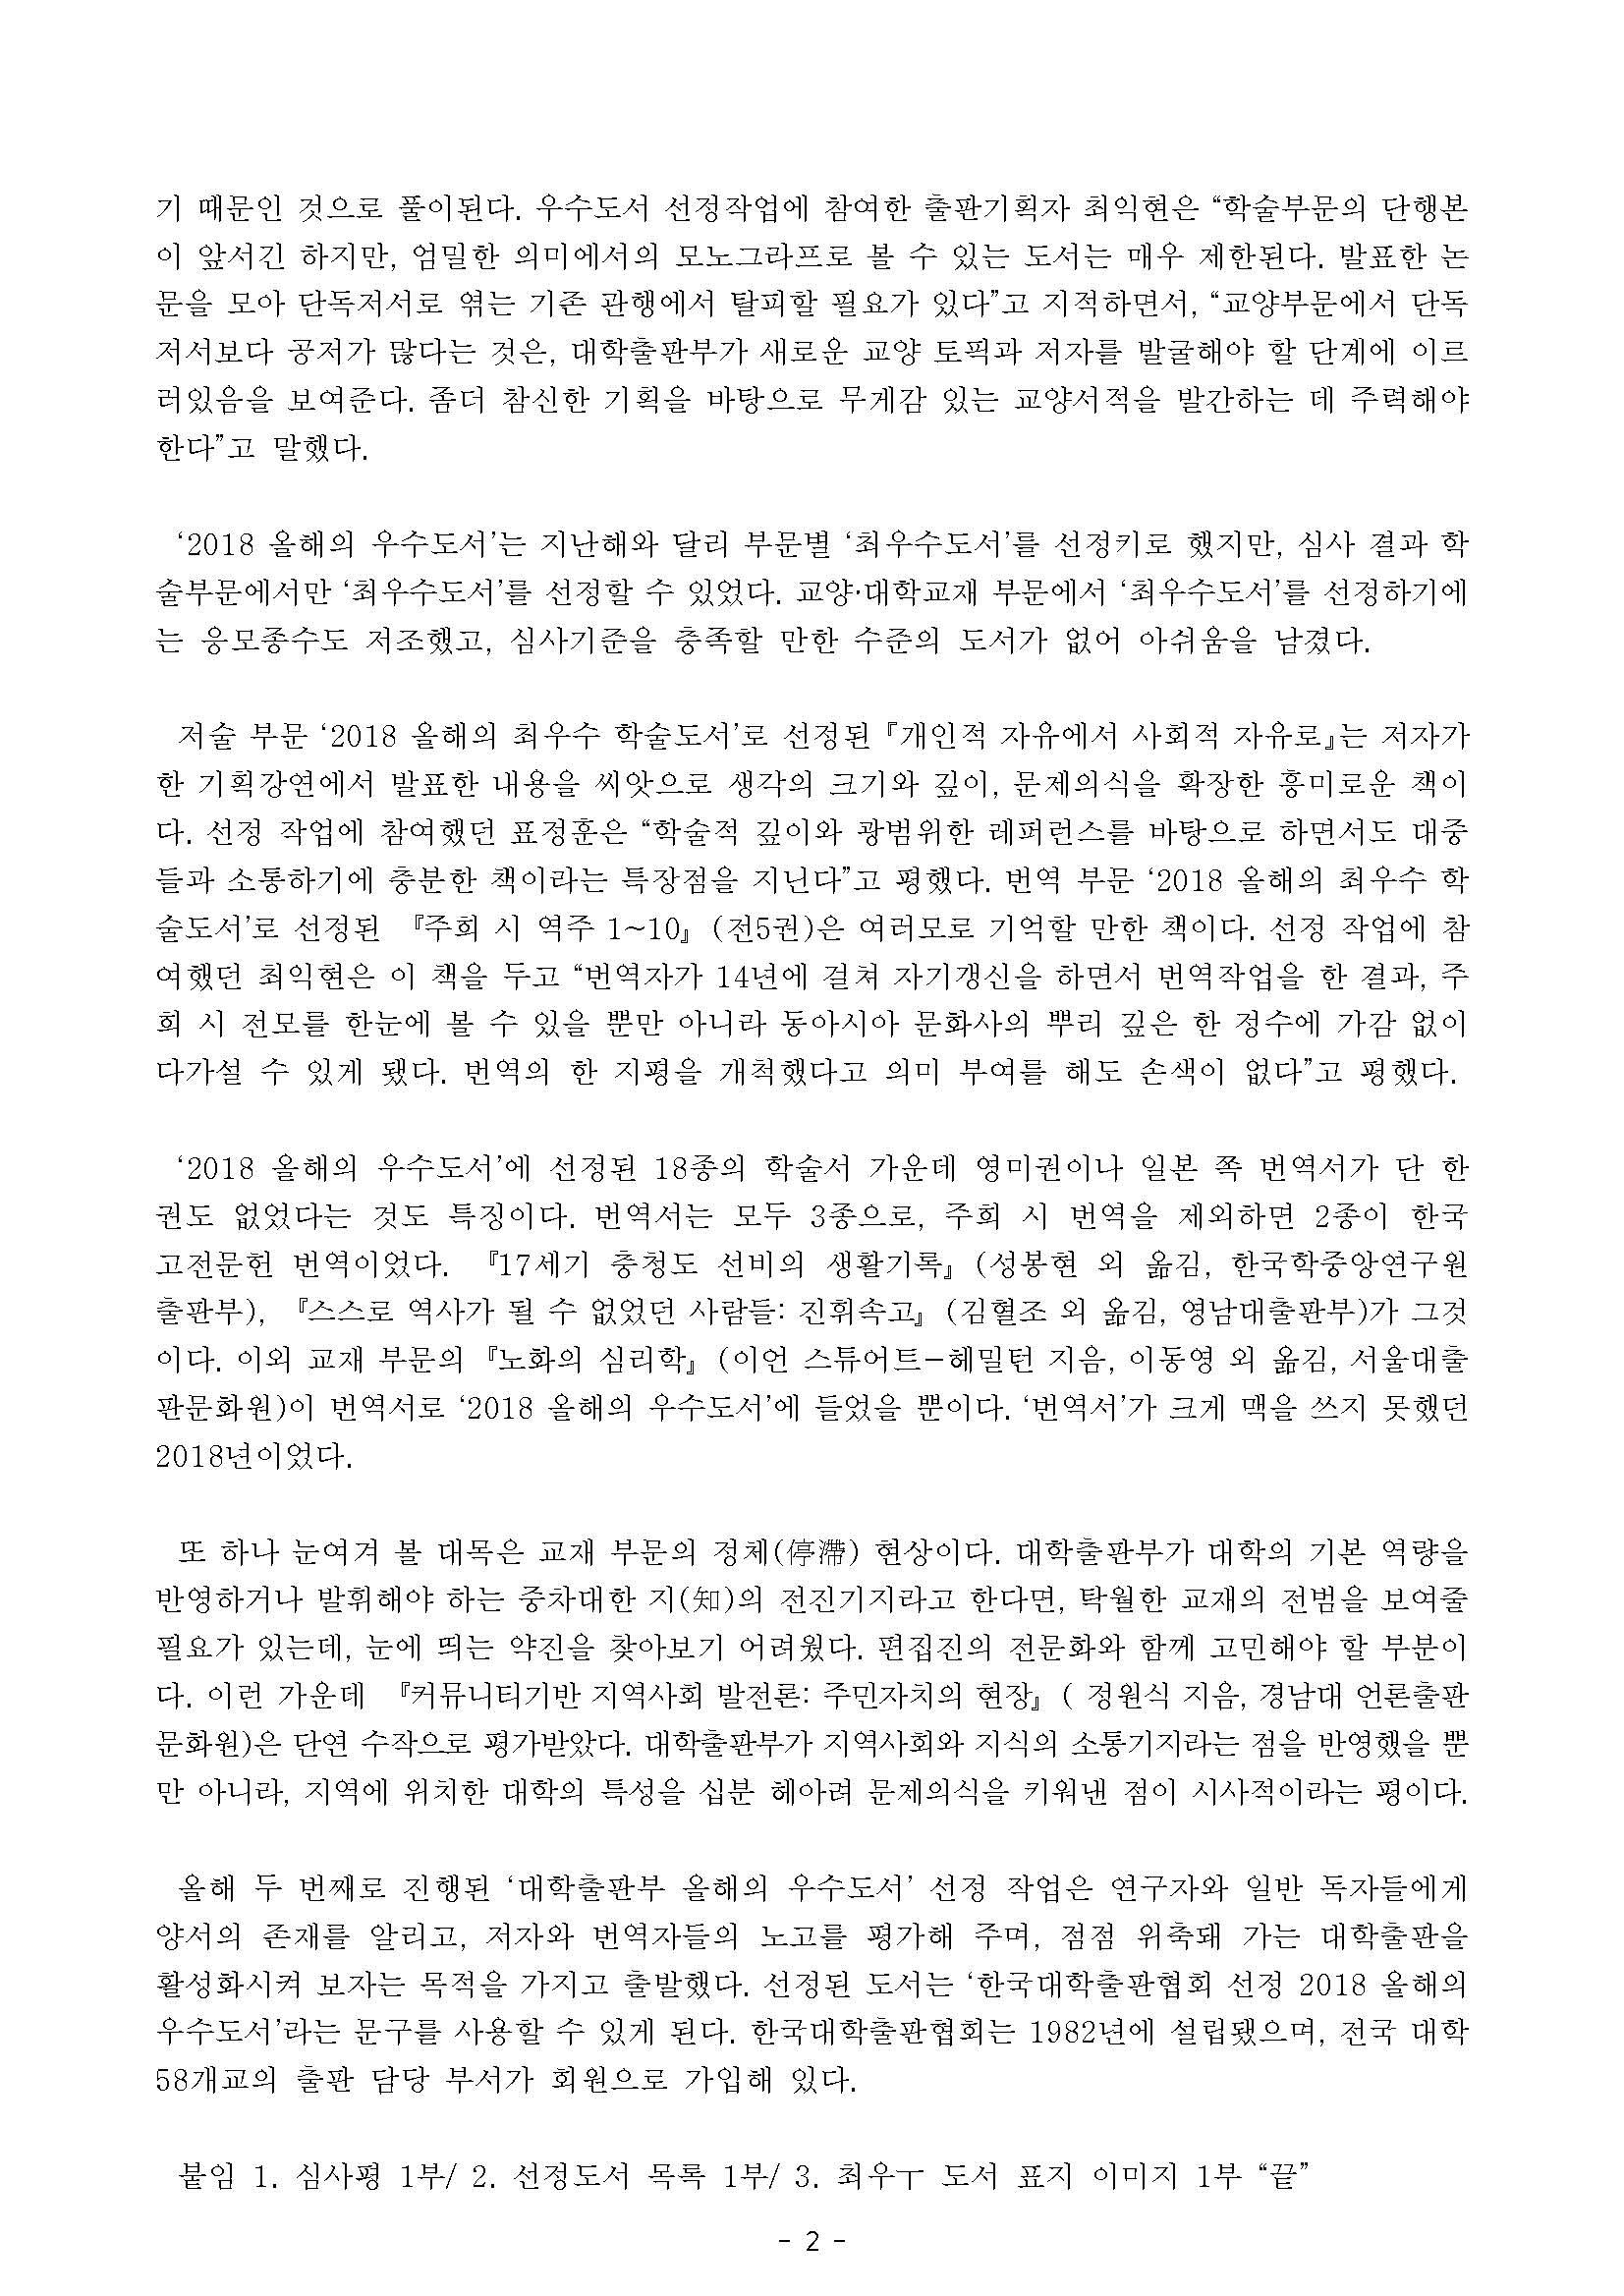 한국대학출판협회 보도자료-2018 올해의 우수도서 선정 결과-배포본_페이지_2.jpg